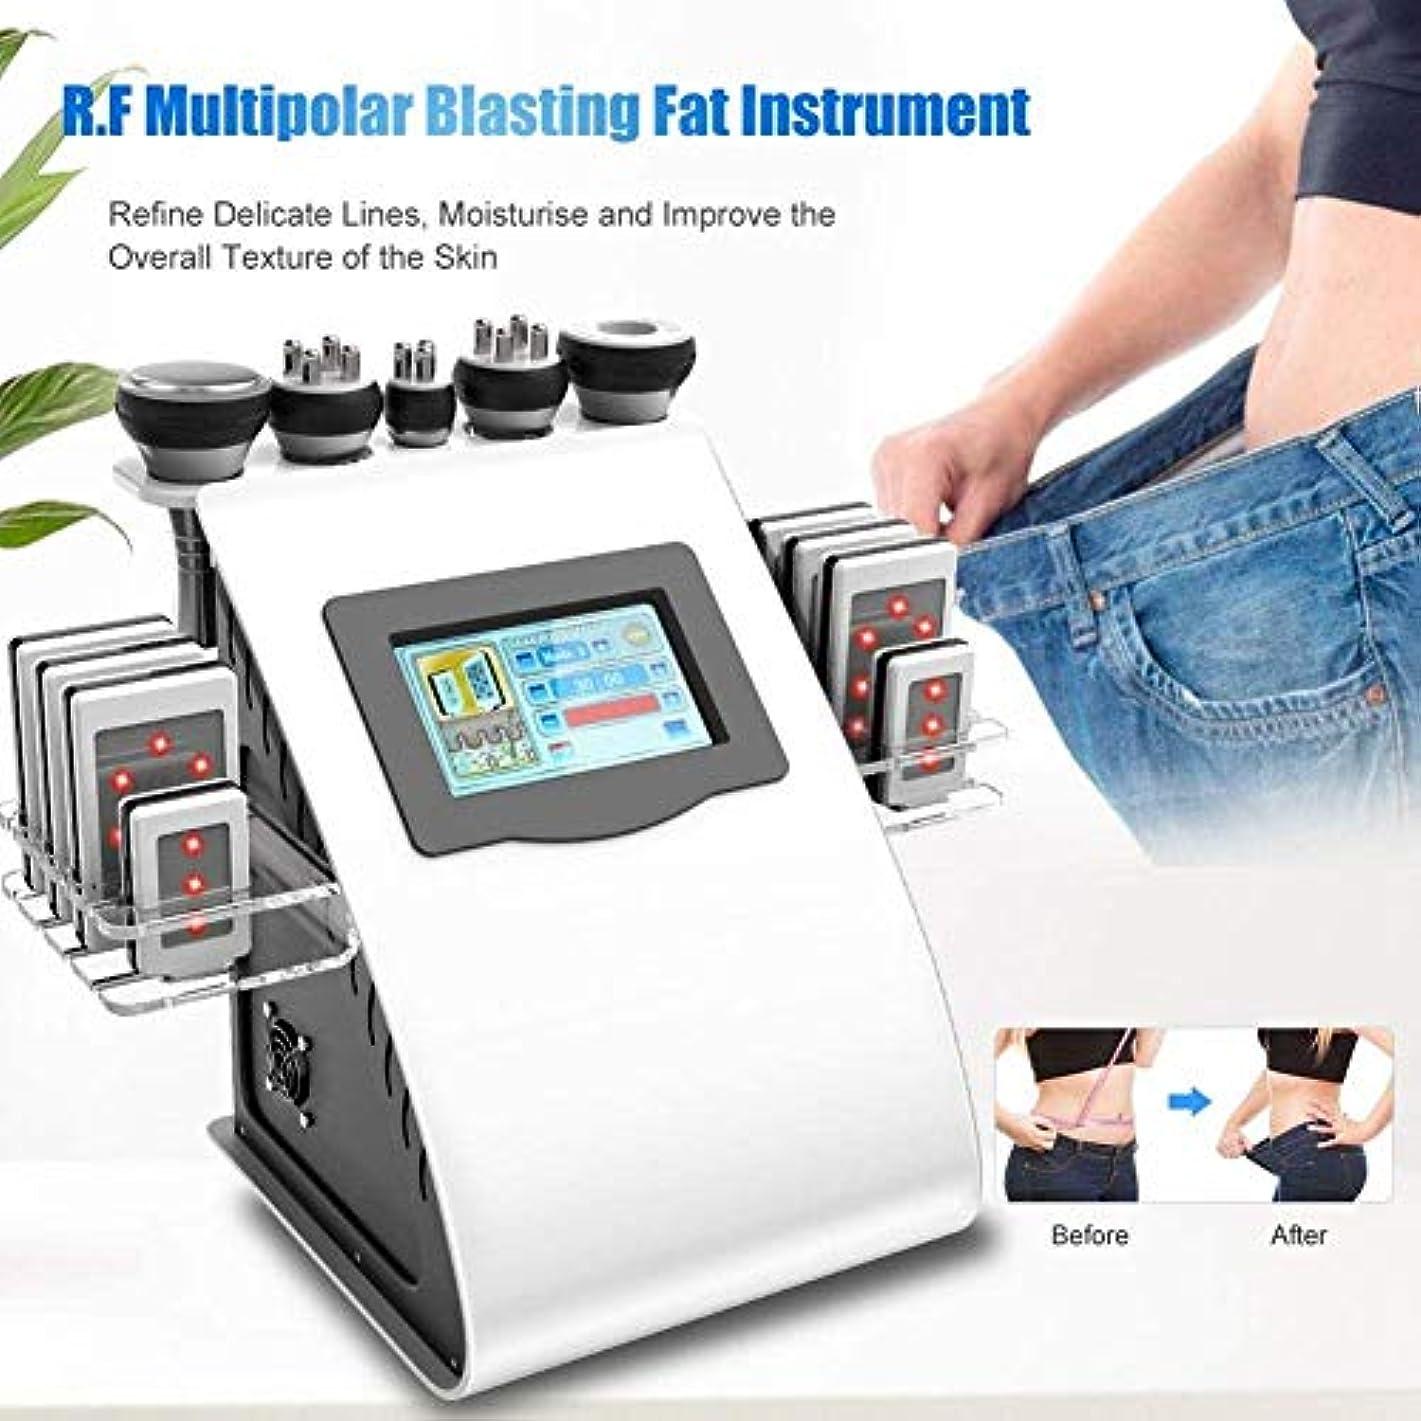 告発者慢骨の折れる5 in 1 ボディシェイピング 脂肪燃焼 機械、 美人 ケア デバイス マッサージャー、 プロ 顔と体 Slim身 処理 デバイス 機械